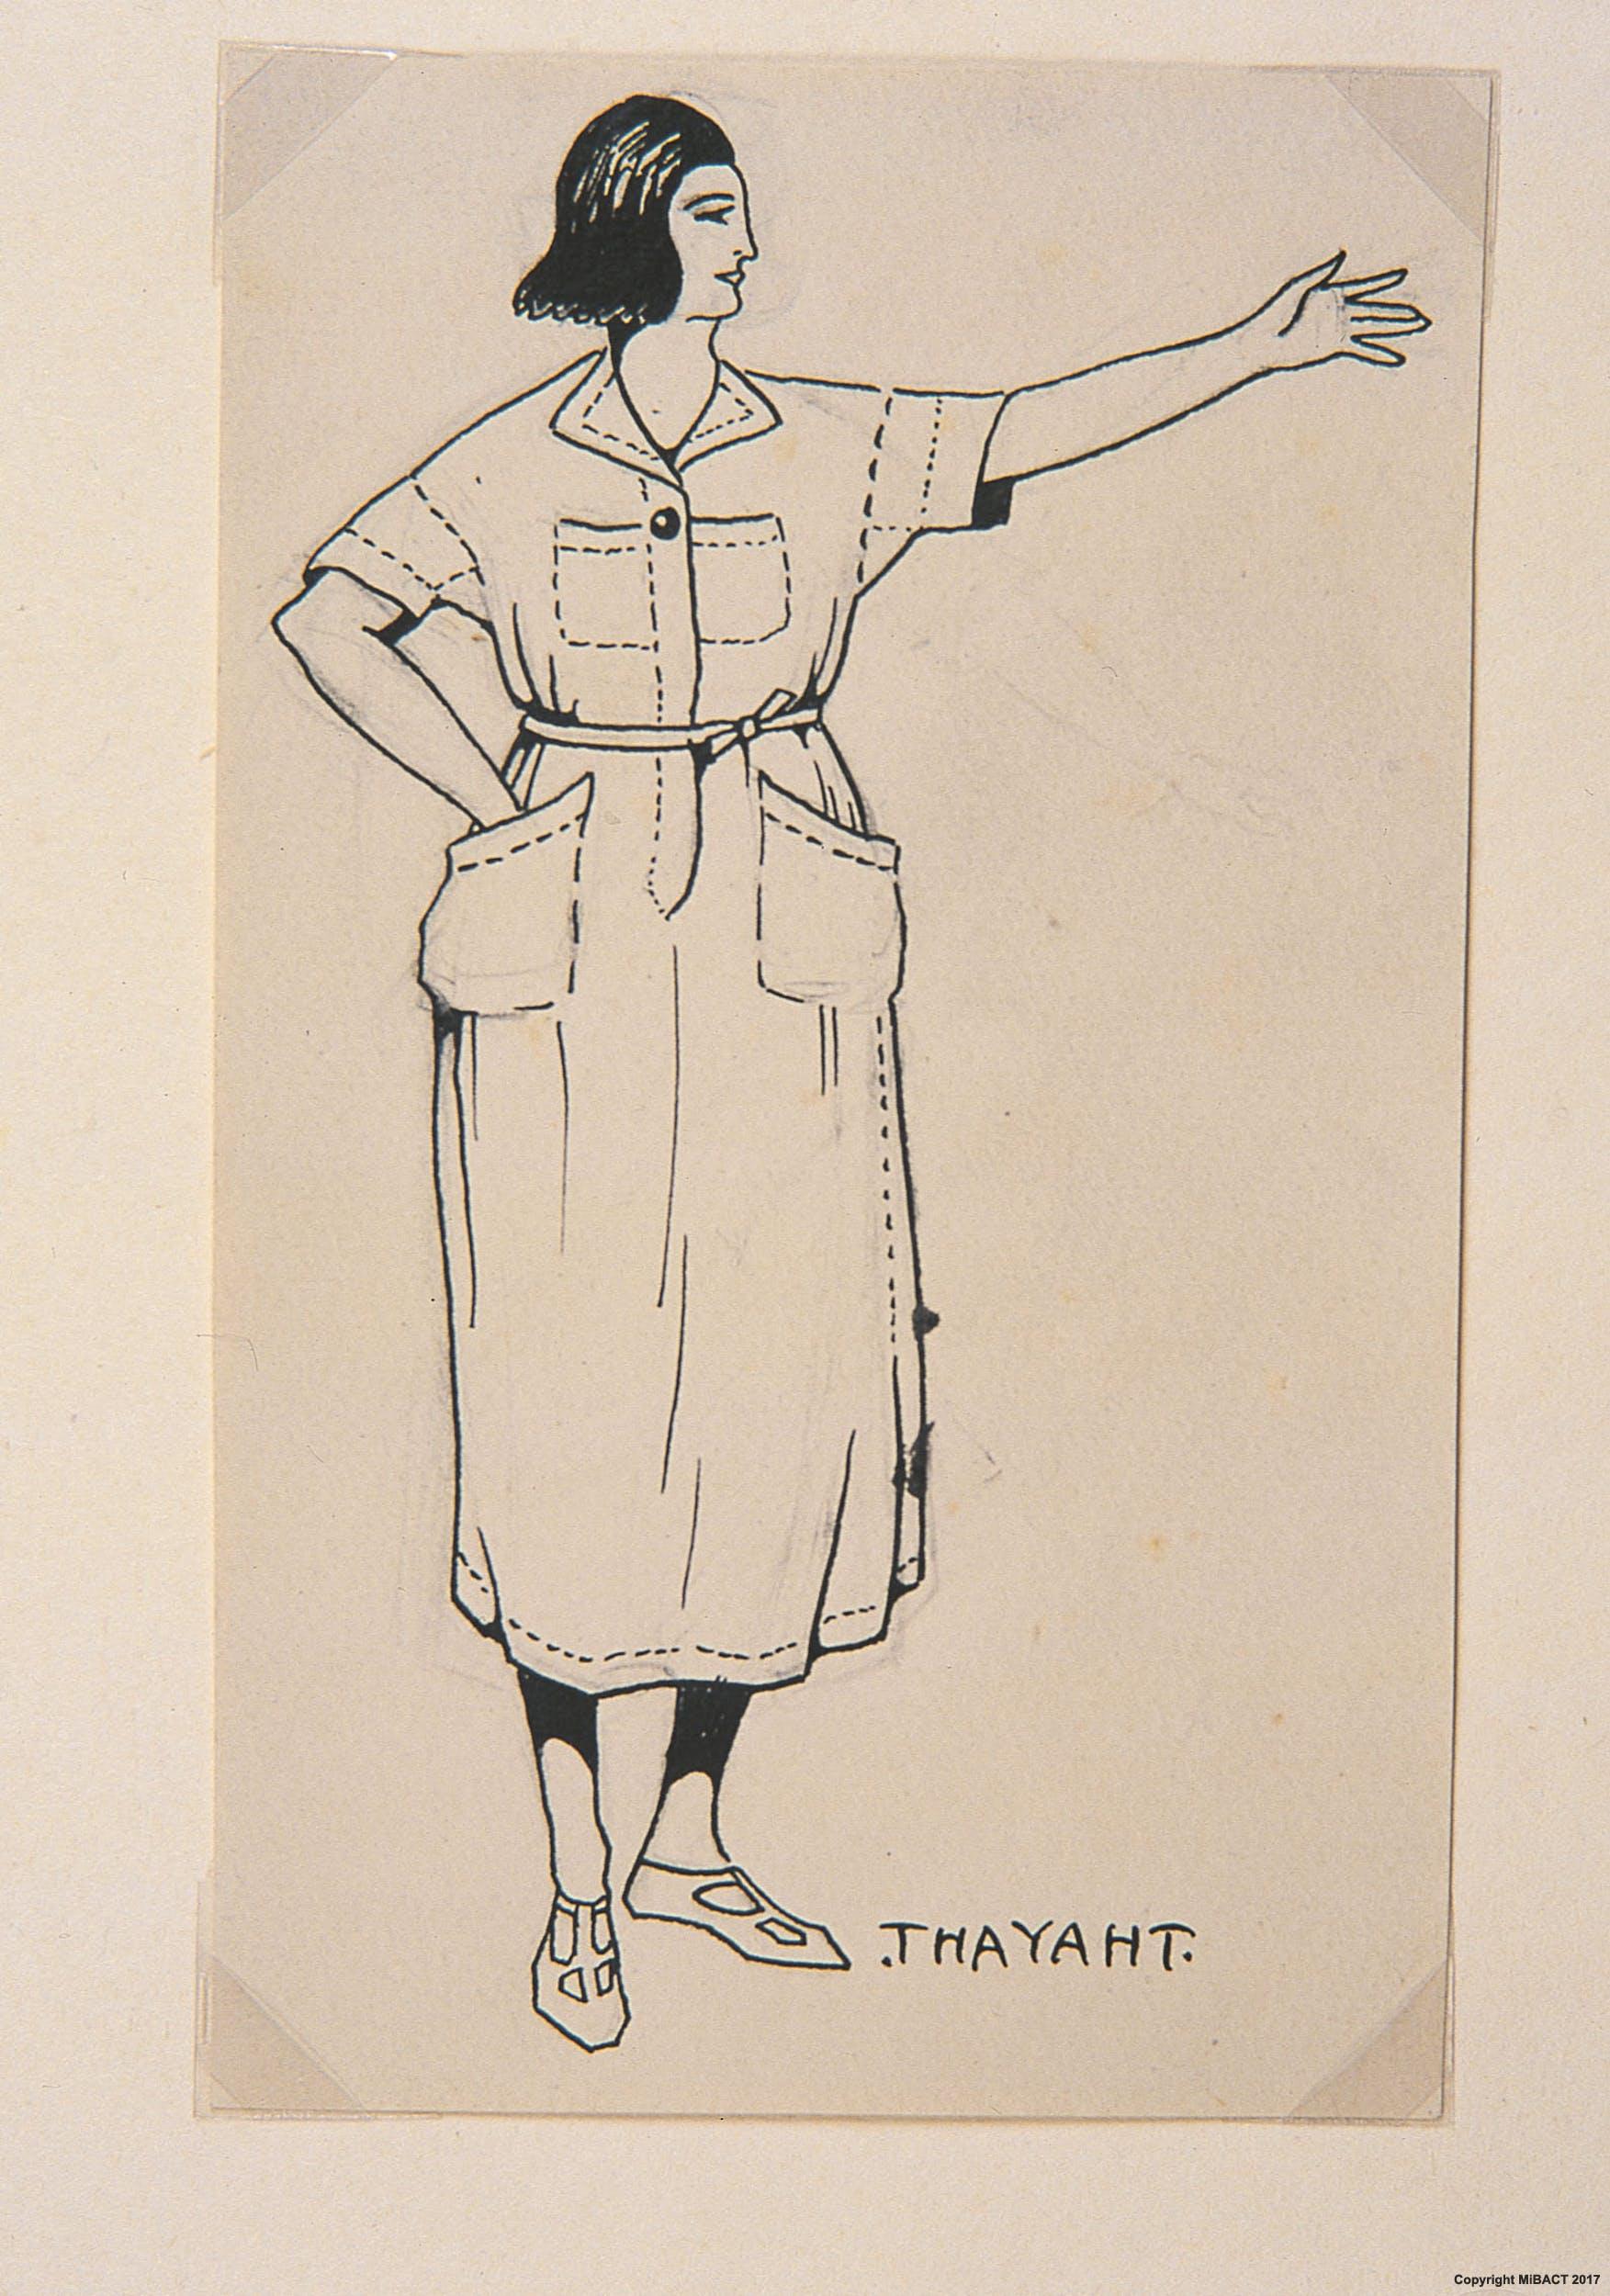 Thayaht, Modello della Tuta femminile, 1920, matita nera e inchiostro di china su carta, cm 18,5 x 11